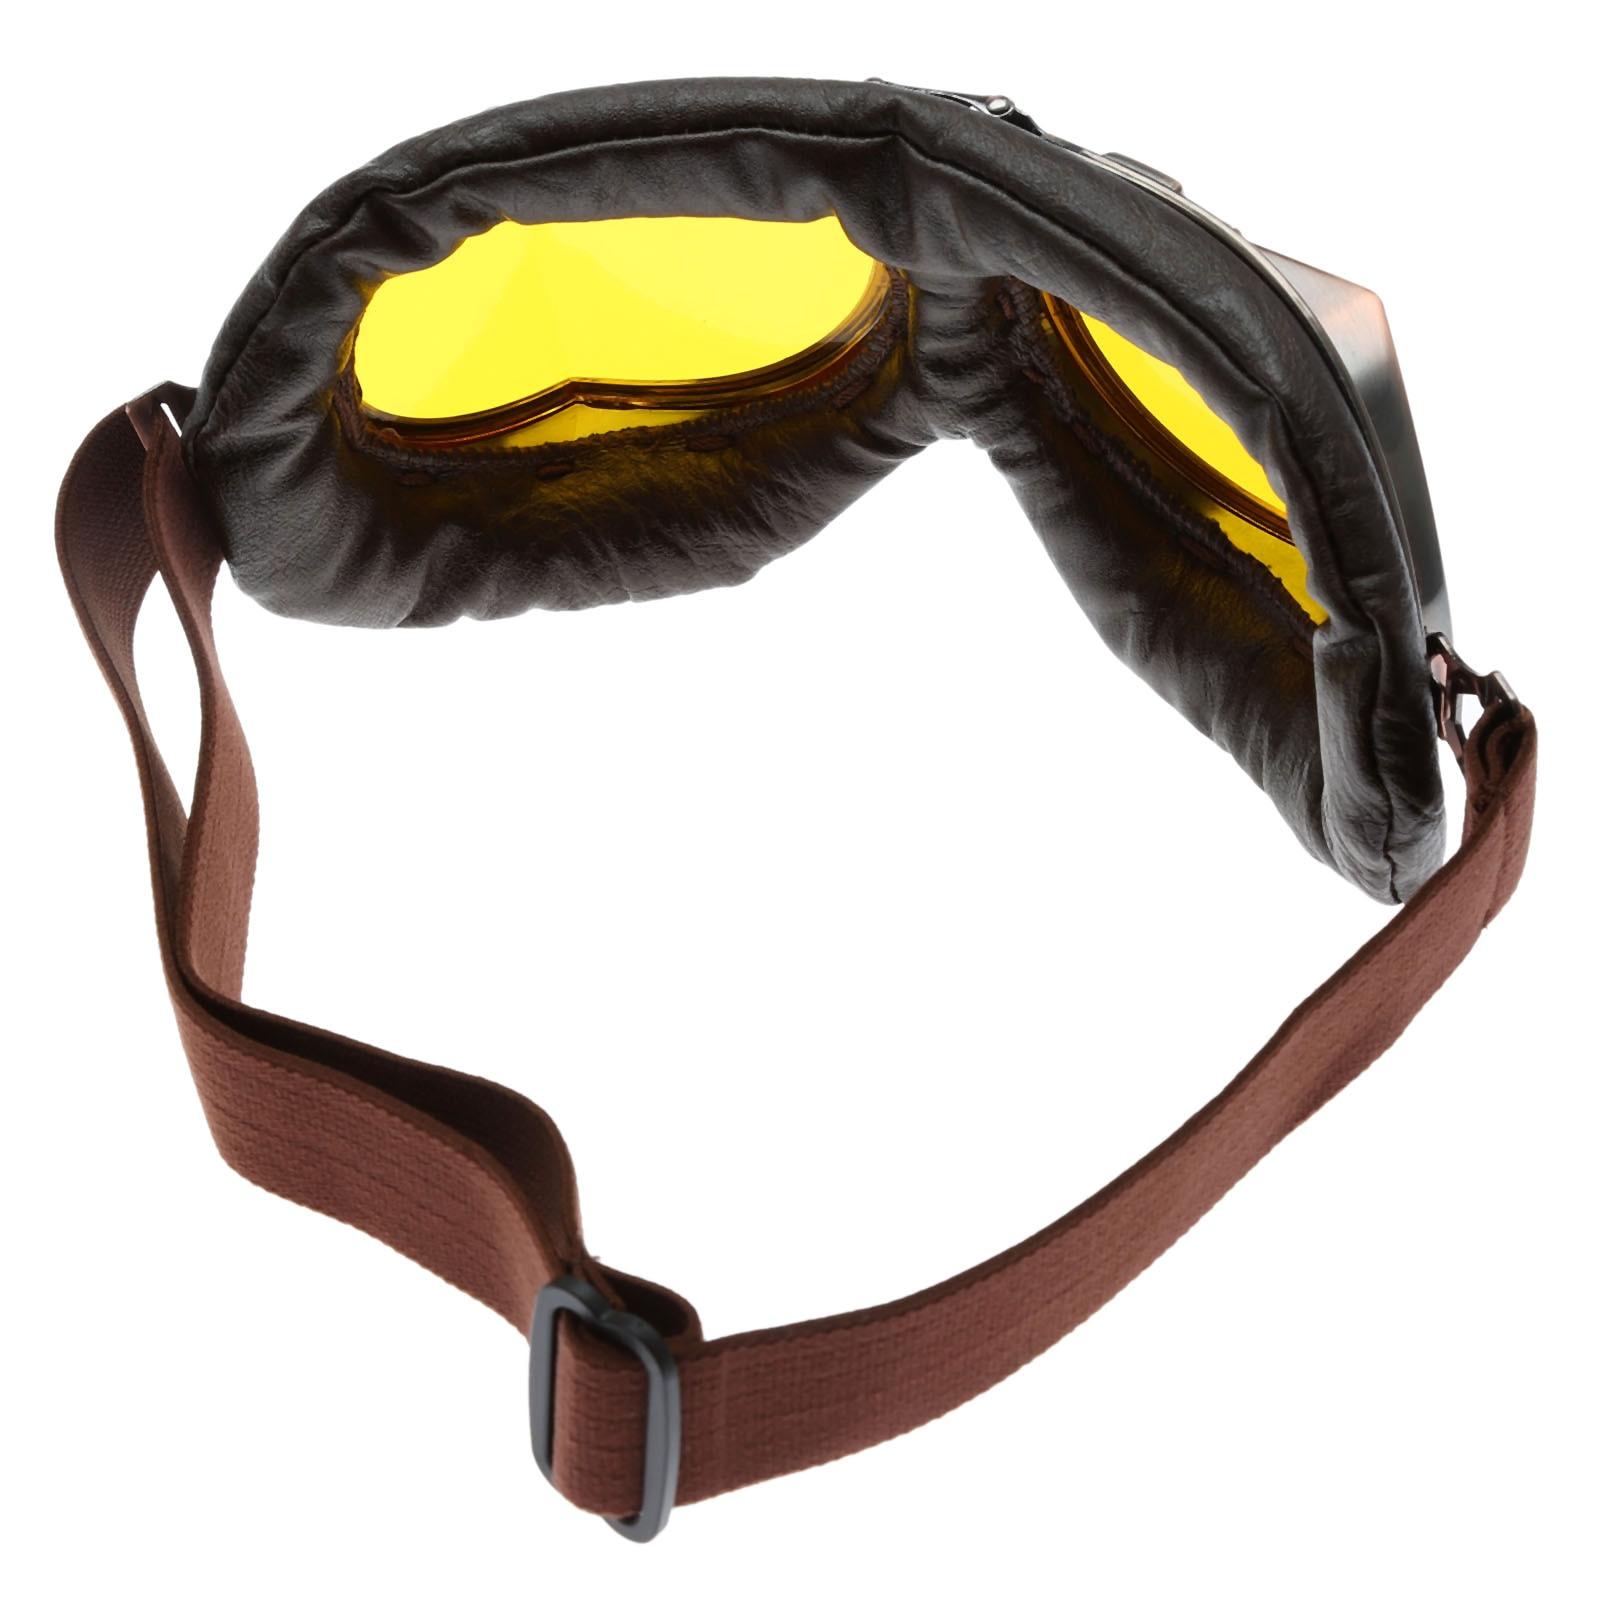 Motocicleta Gafas Gafas Vintage Motocross Gafas Clásicas Retro - Accesorios y repuestos para motocicletas - foto 3